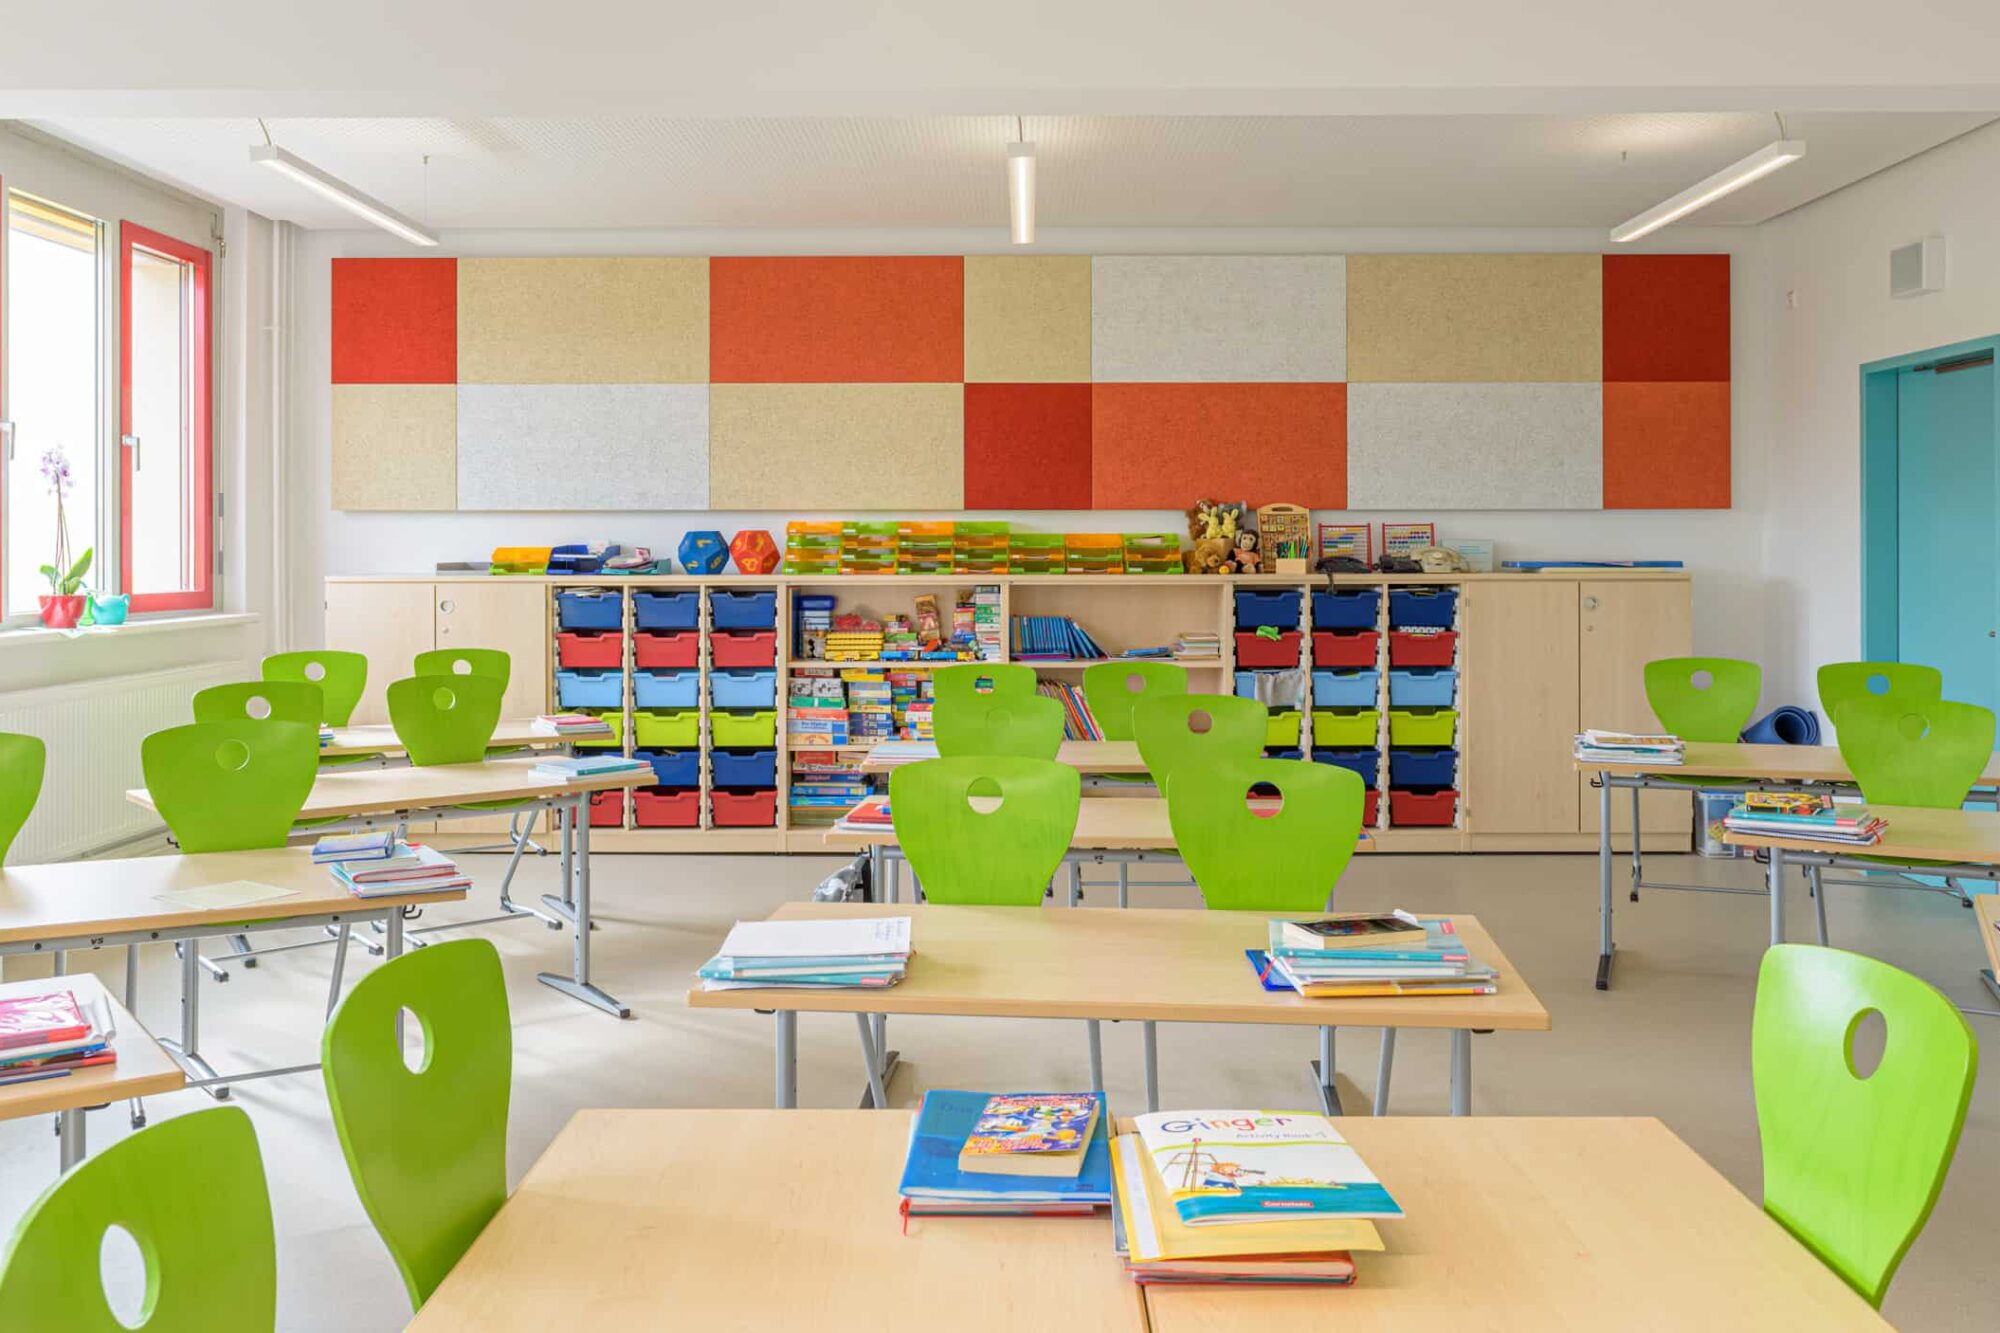 Ferdinand von Schill Grundschule Stralsund - Gestaltung eines Klassenzimmers